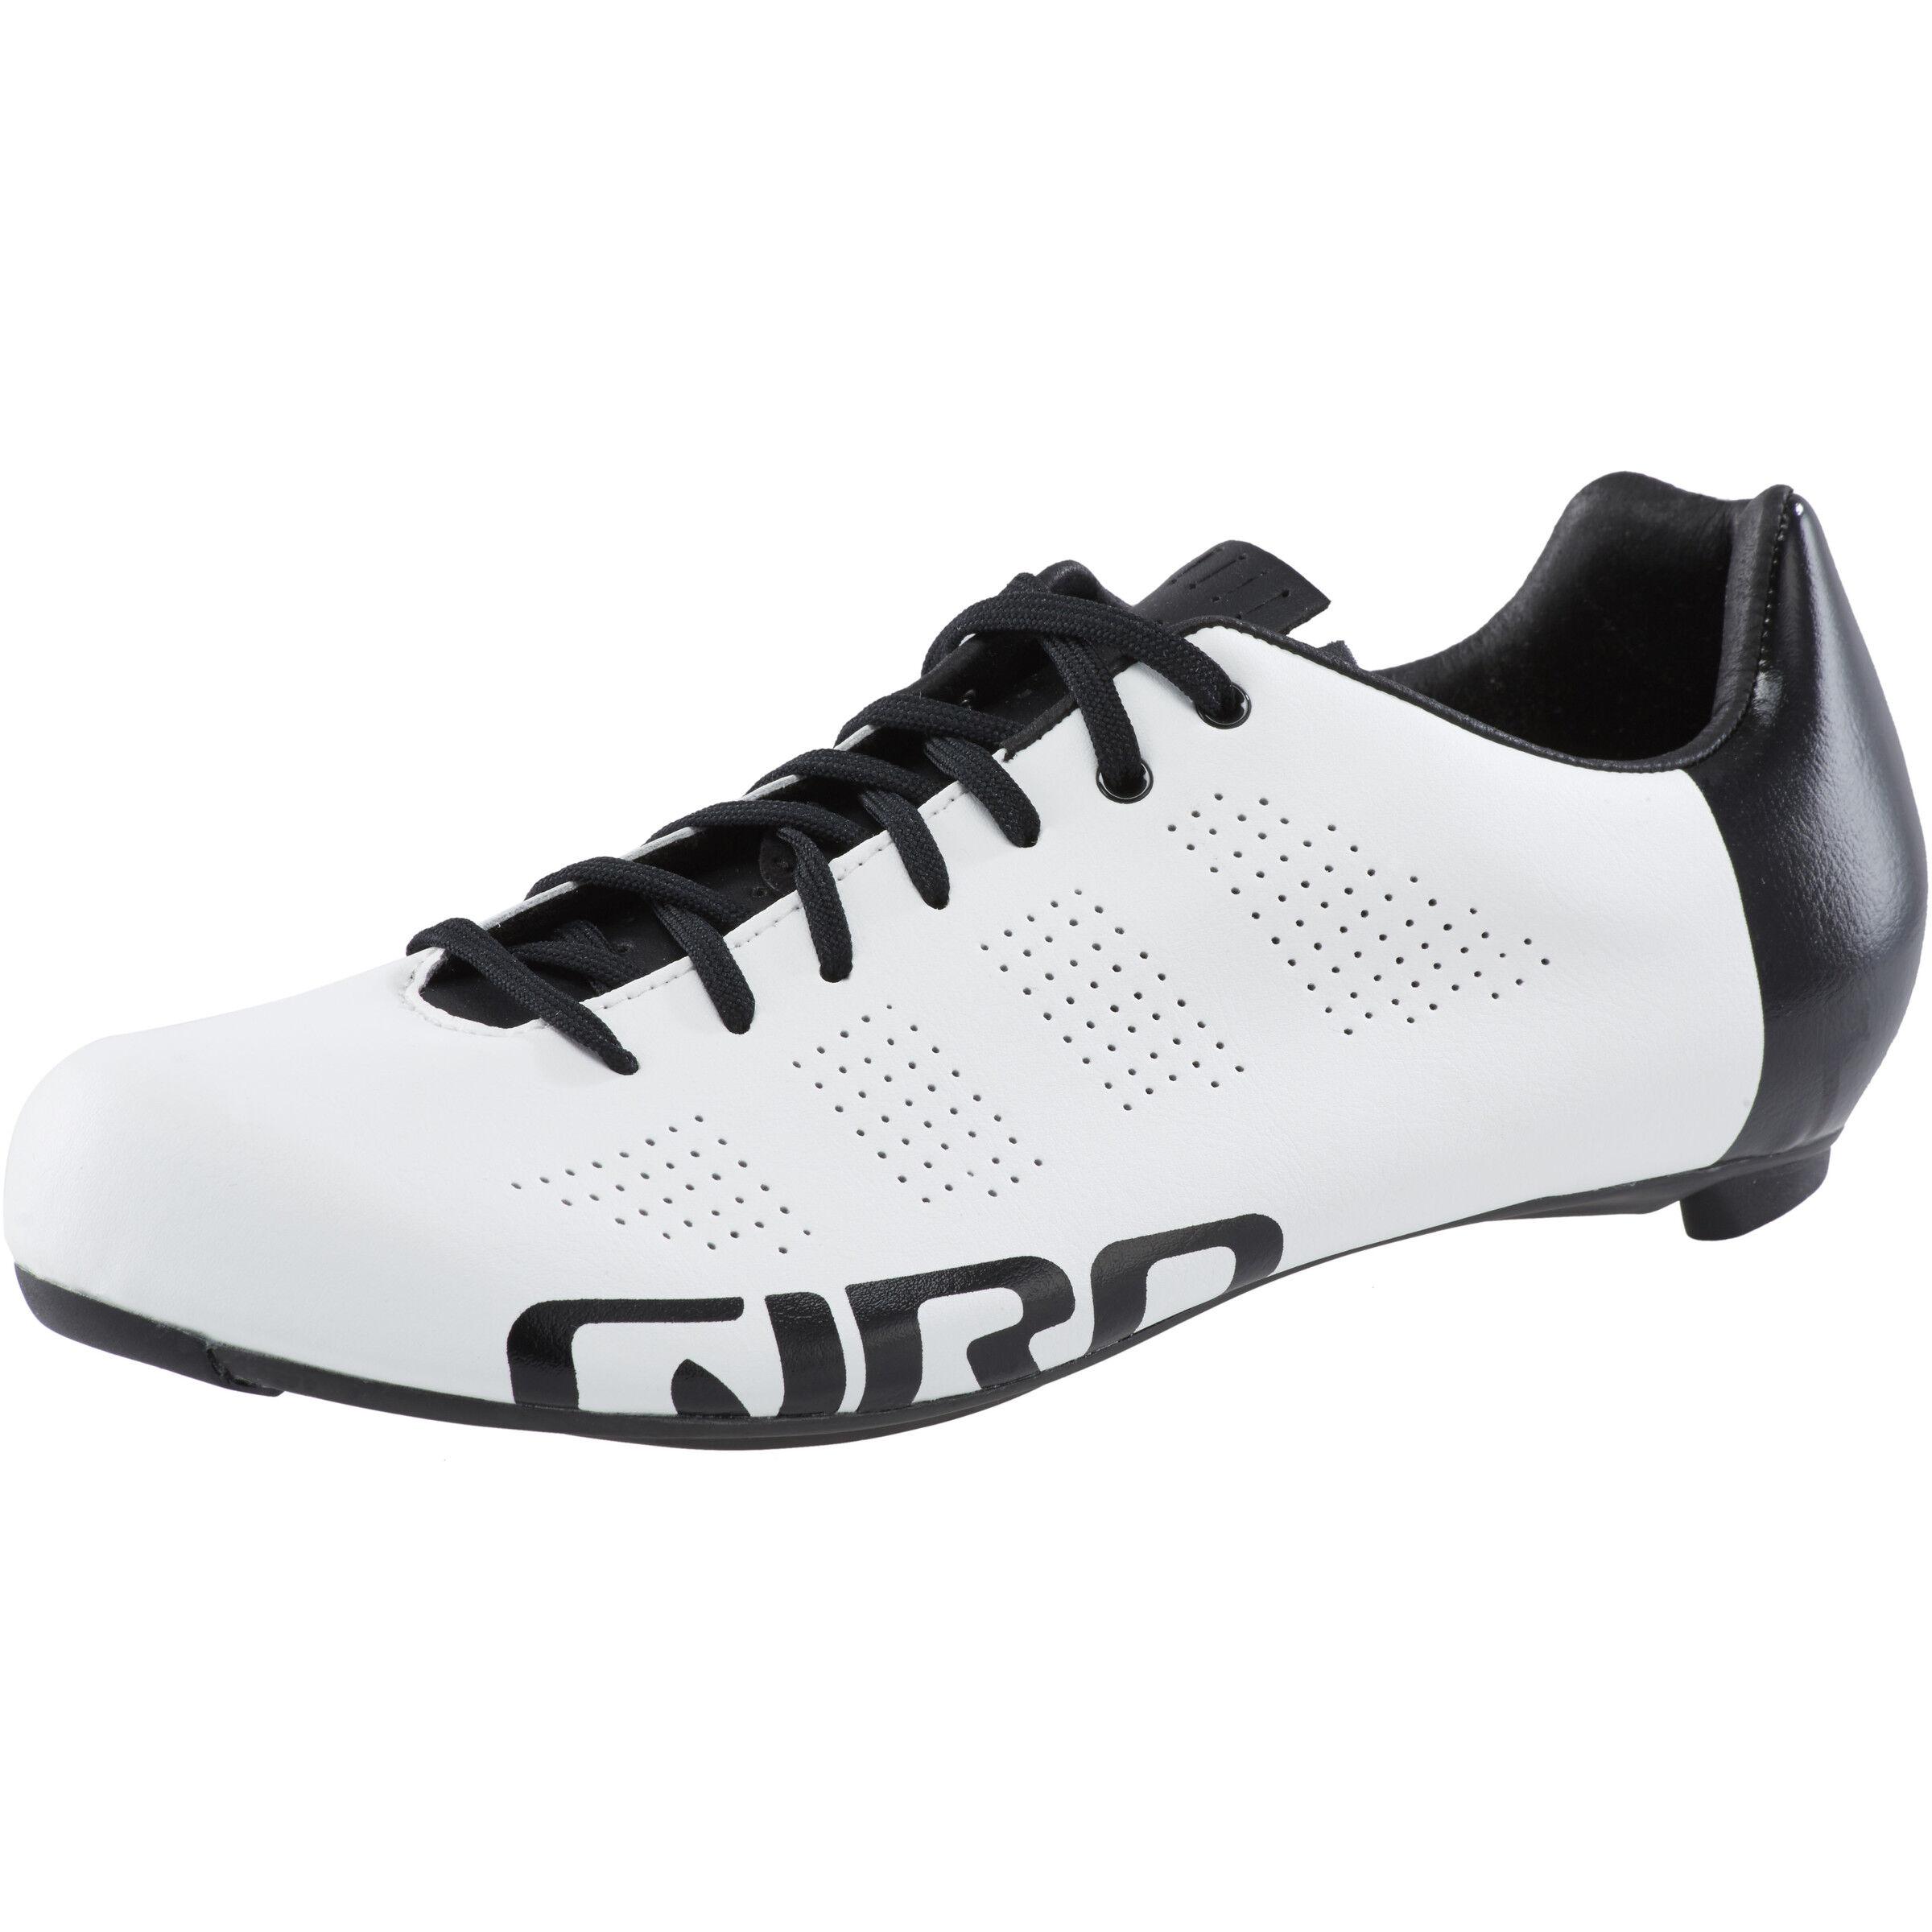 Giro Günstig Giro Kaufen Rennradschuhe Günstig Giro Rennradschuhe Günstig Rennradschuhe Kaufen g76YIbyvmf